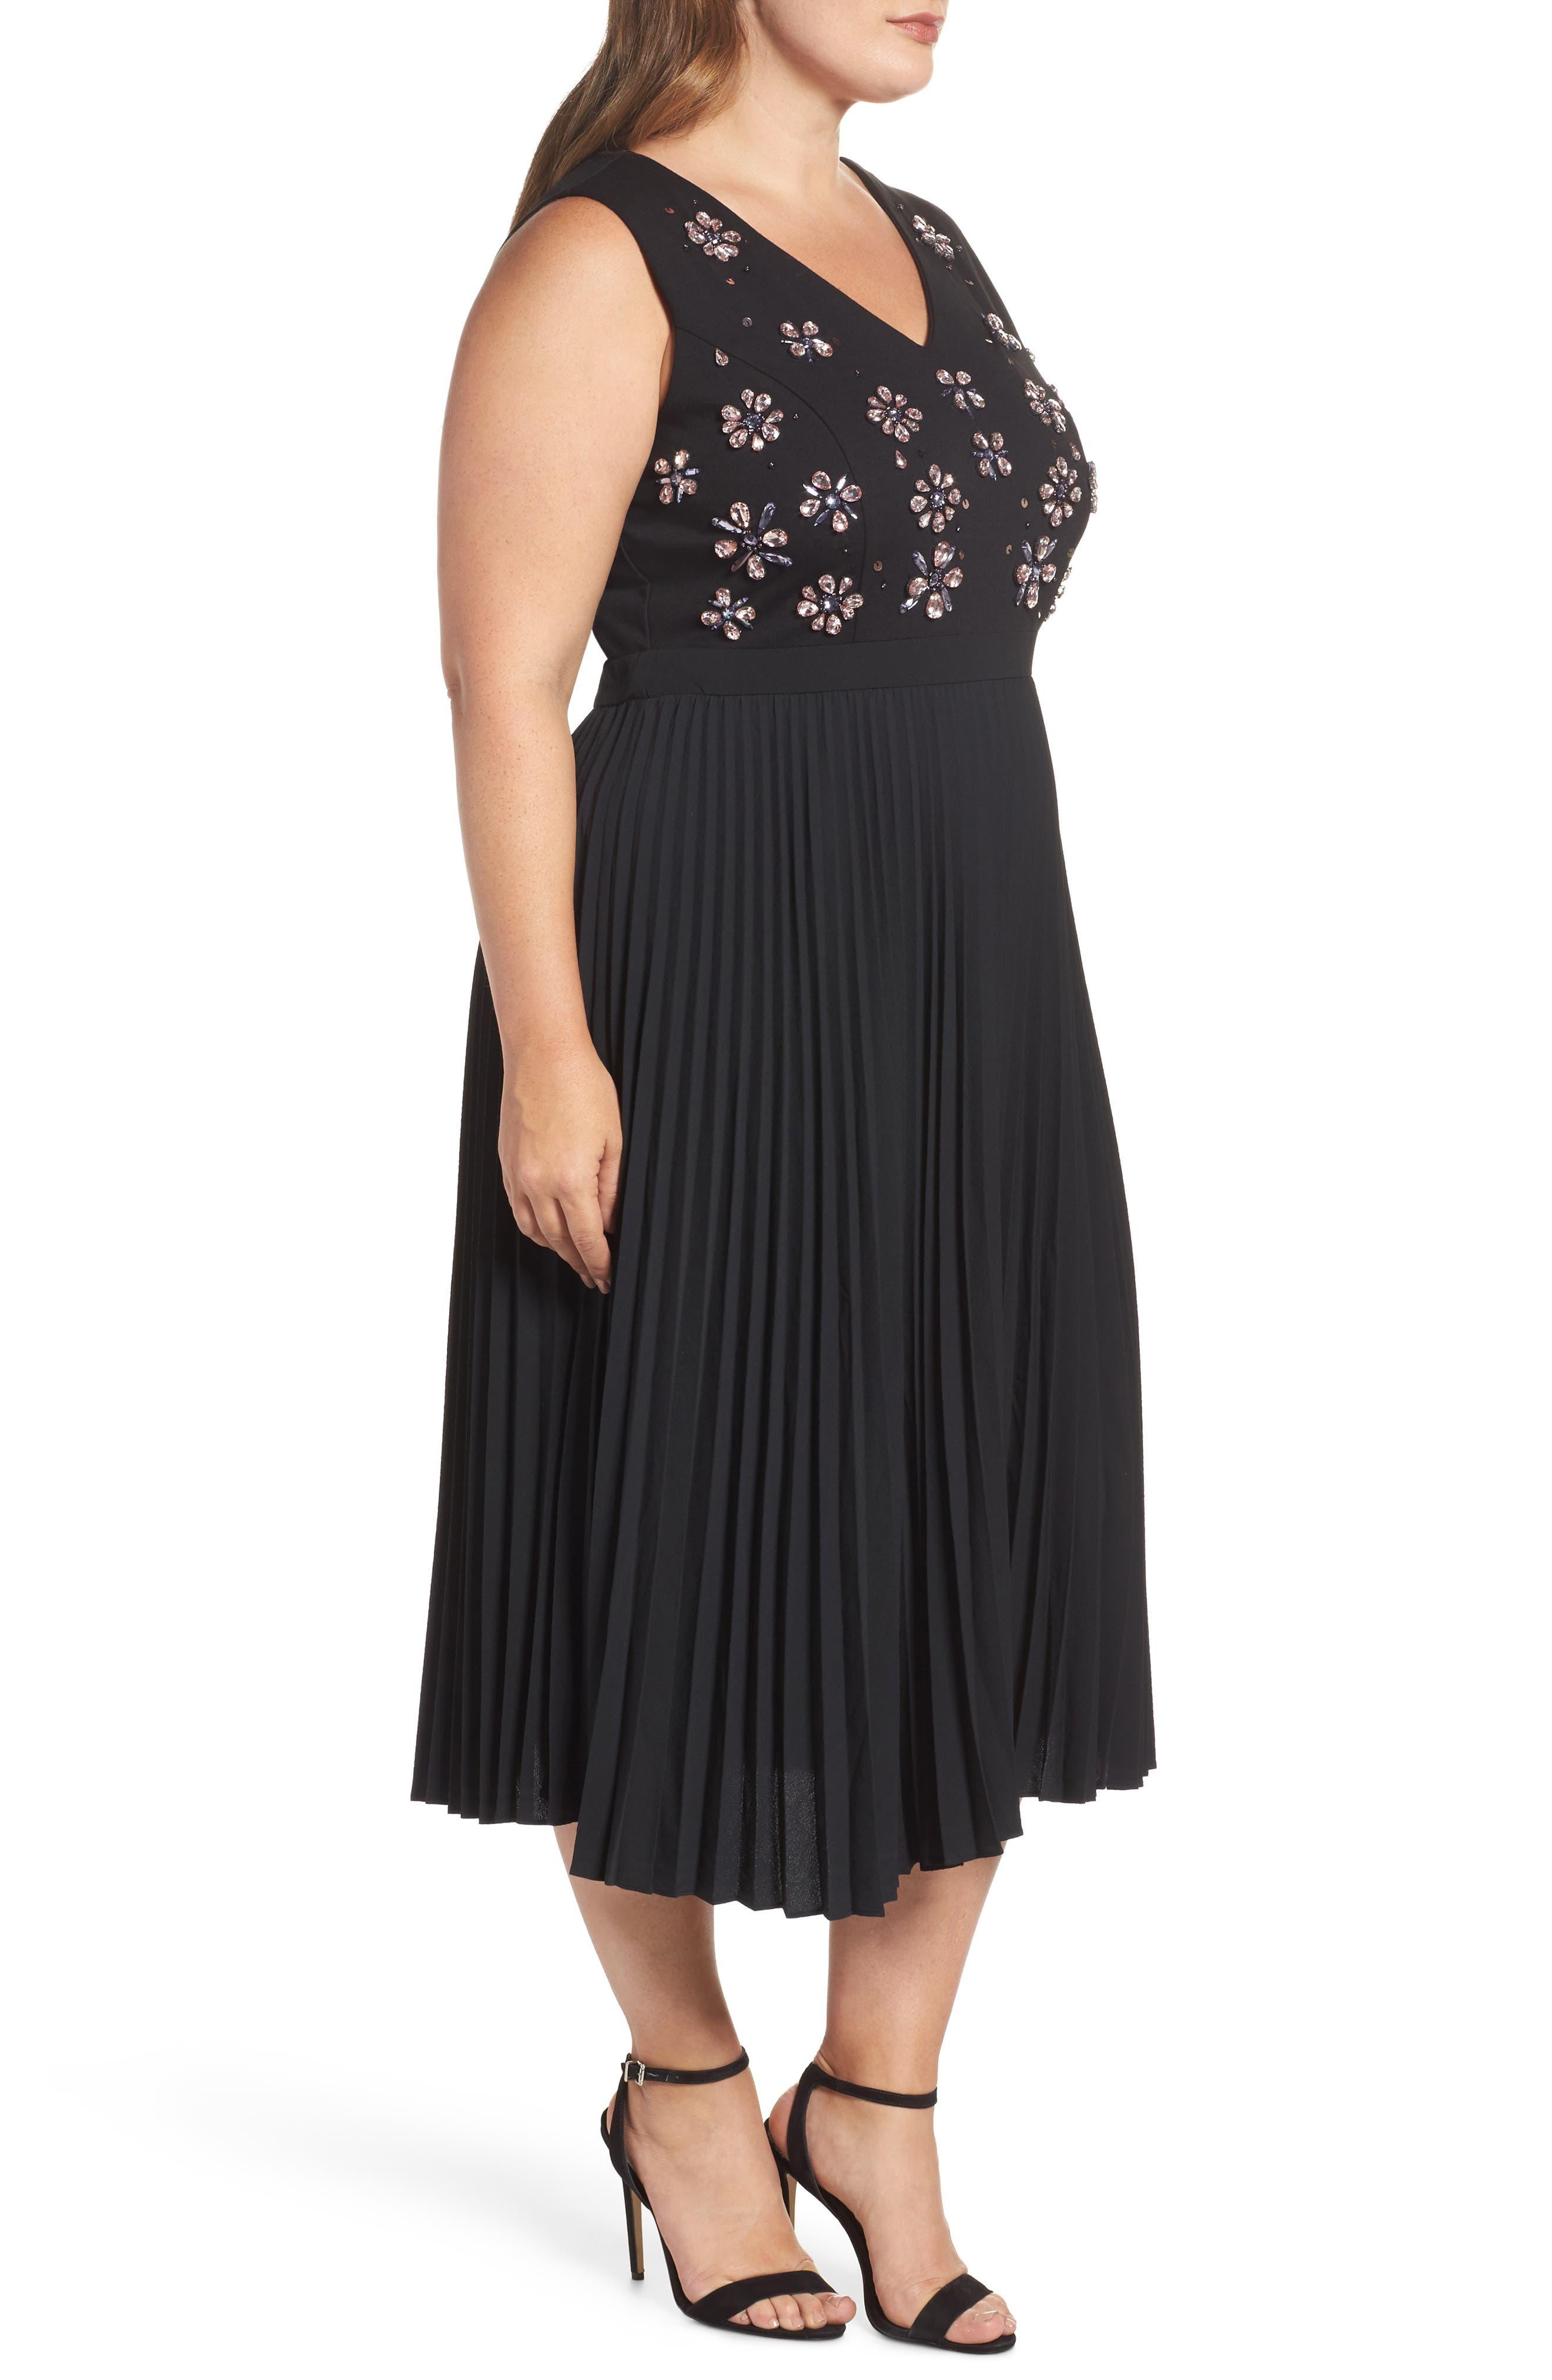 Crystal Flower Embellished Dress,                             Alternate thumbnail 3, color,